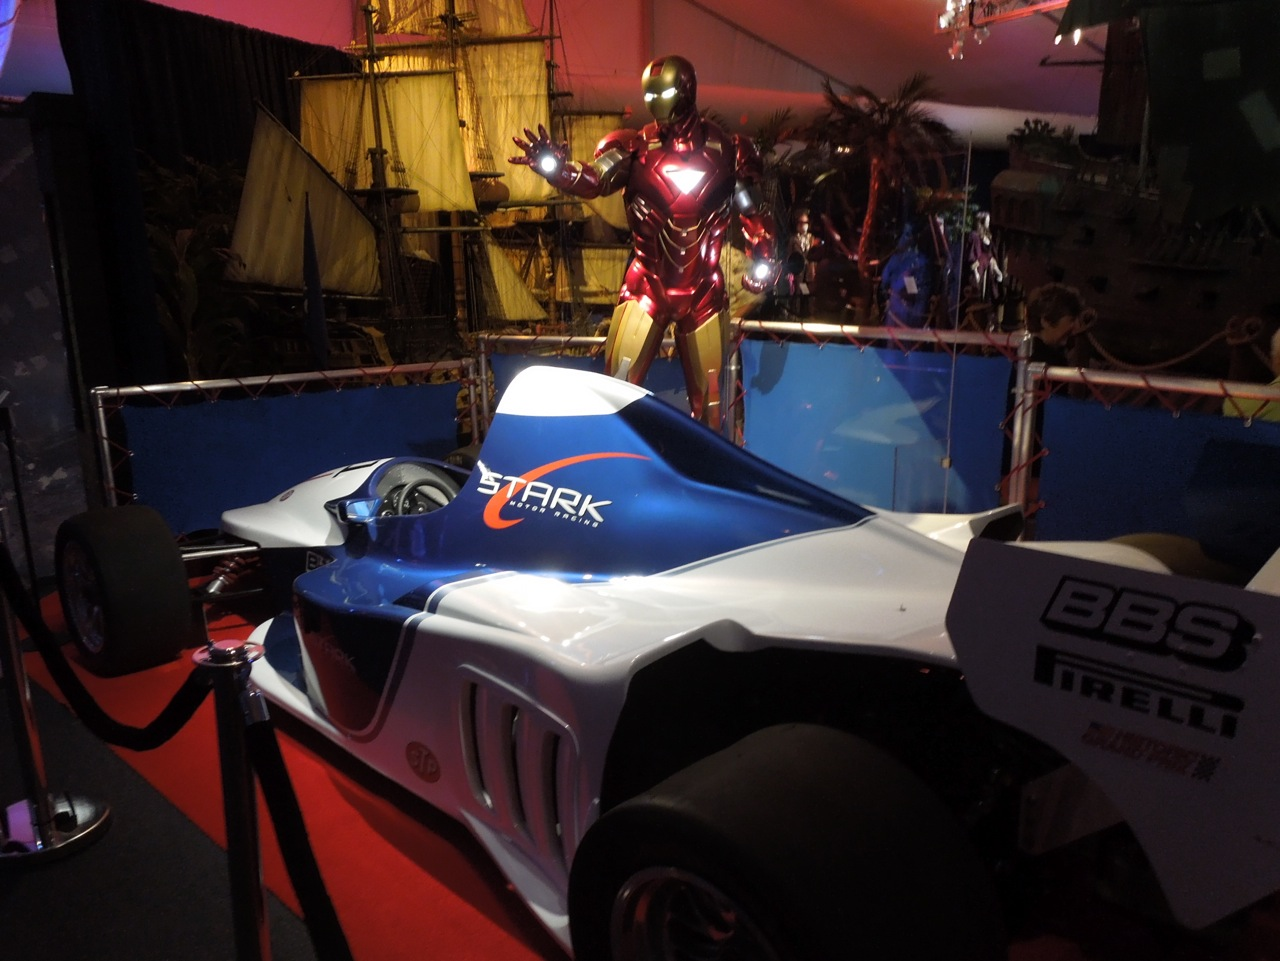 http://1.bp.blogspot.com/-hZMBLjQgTVo/UDKmt9T1EFI/AAAAAAAAxHQ/PO6o_gaTWqc/s1600/Iron+Man2+F1+car.jpg